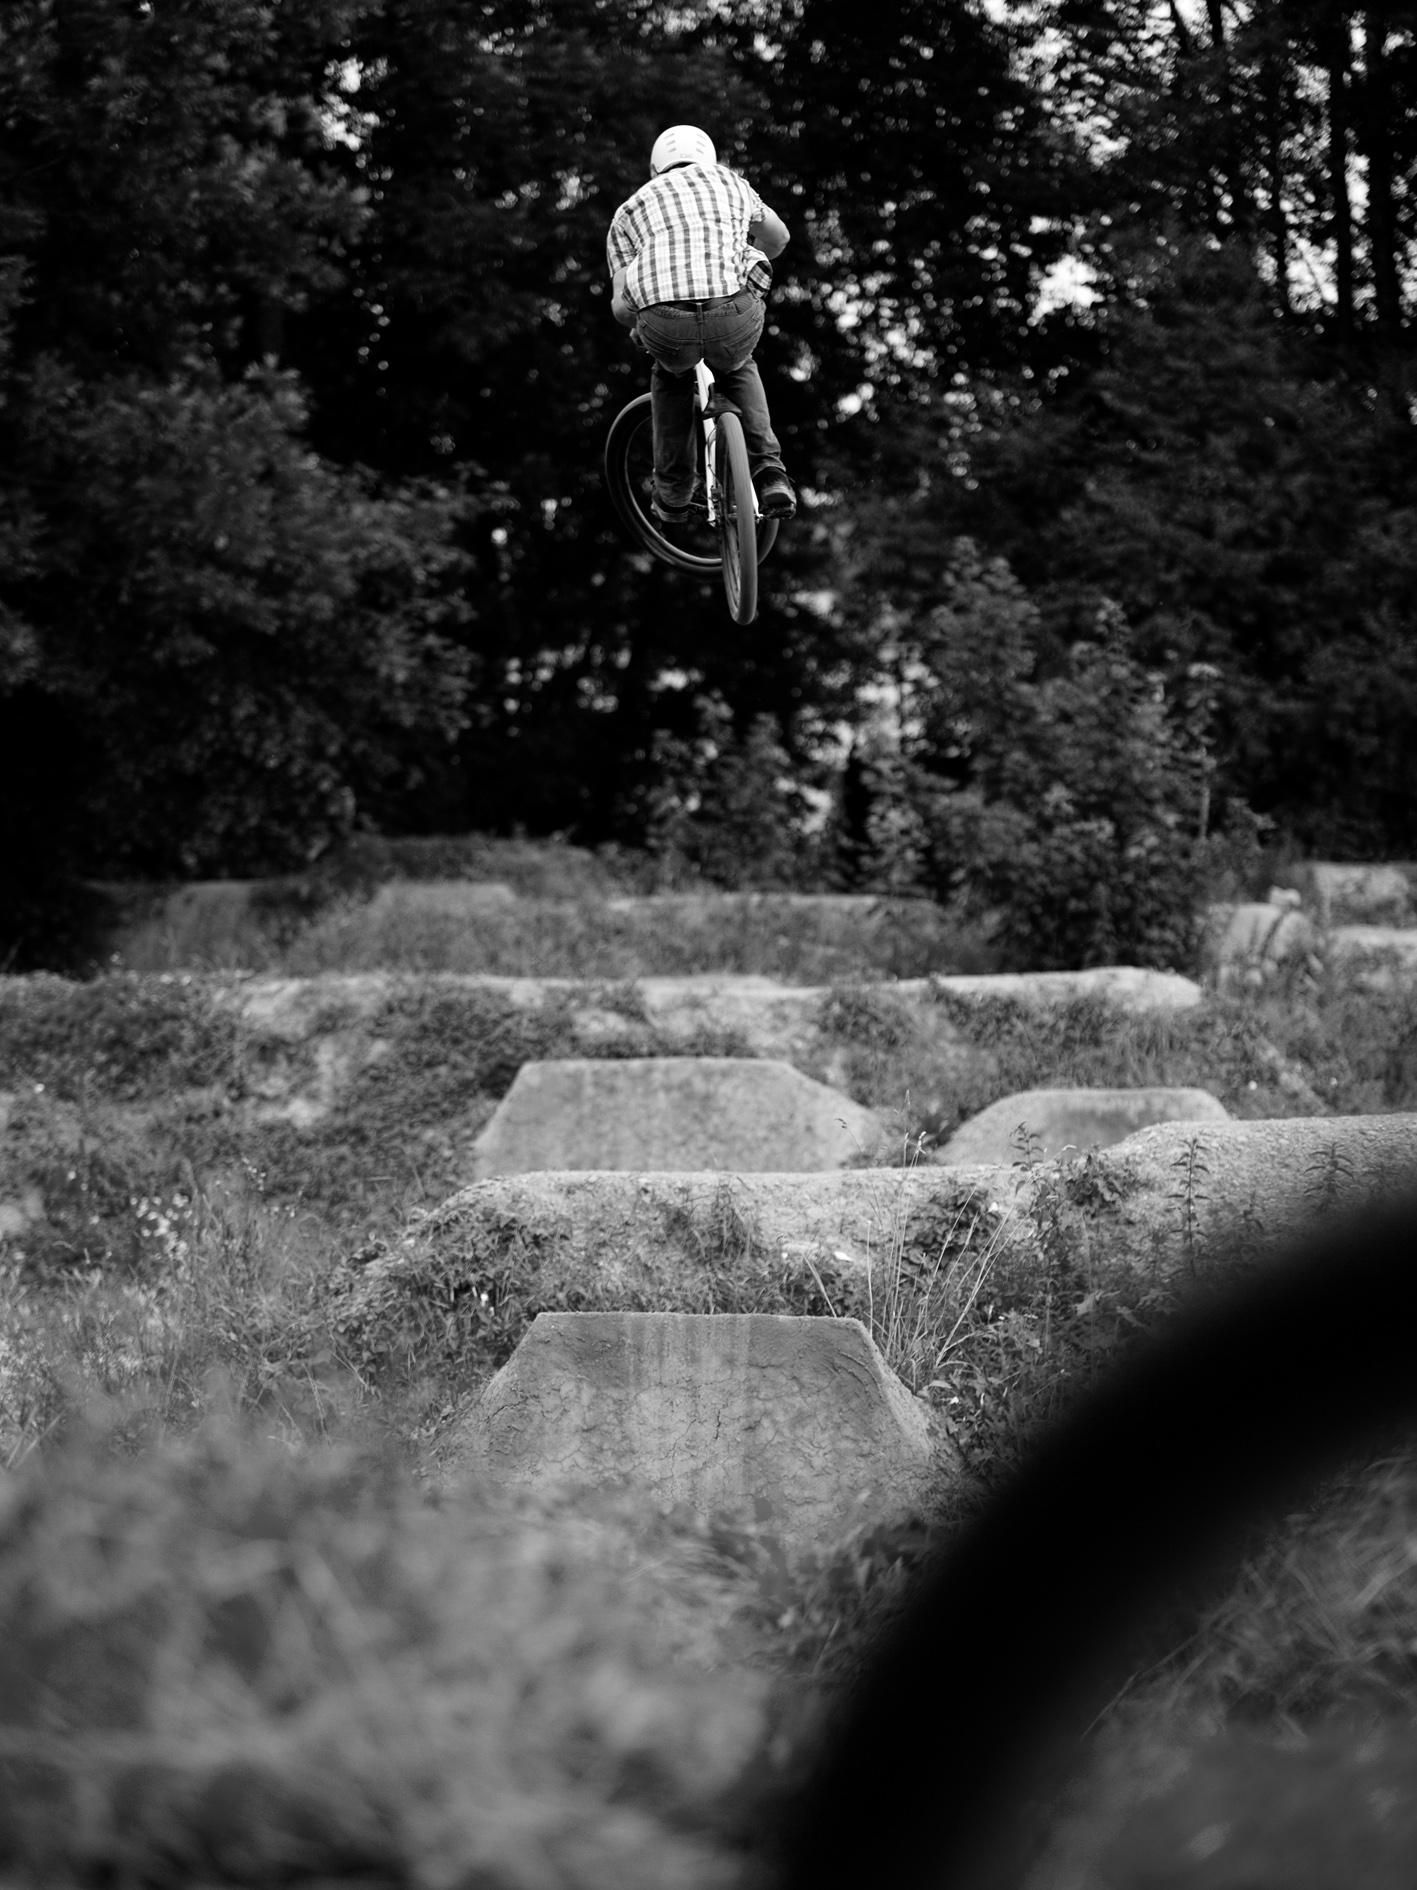 Der erste Absprung schießt mich nach oben. Drei Sekunden Schwerelosigkeit. Foto © Thomas Kaiser